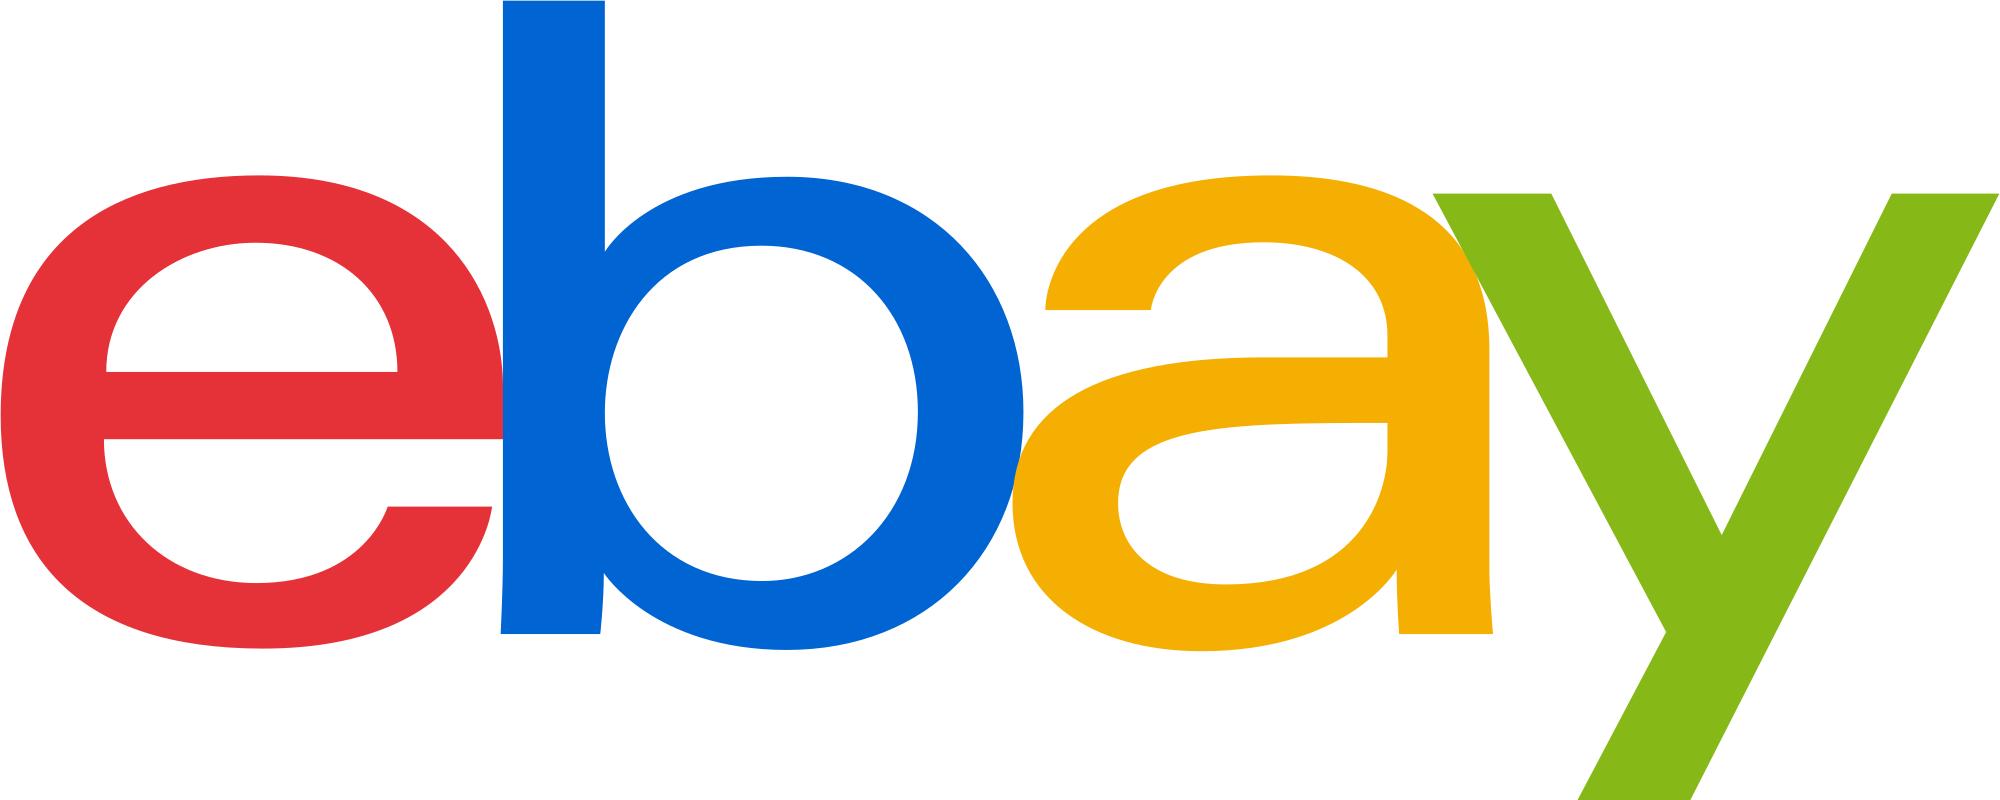 [eBay] Gutschein Aktion auf fast ALLES - 10€ Rabatt ab 150€ / 20€ ab 250€ / 50€ ab 550€ MBW